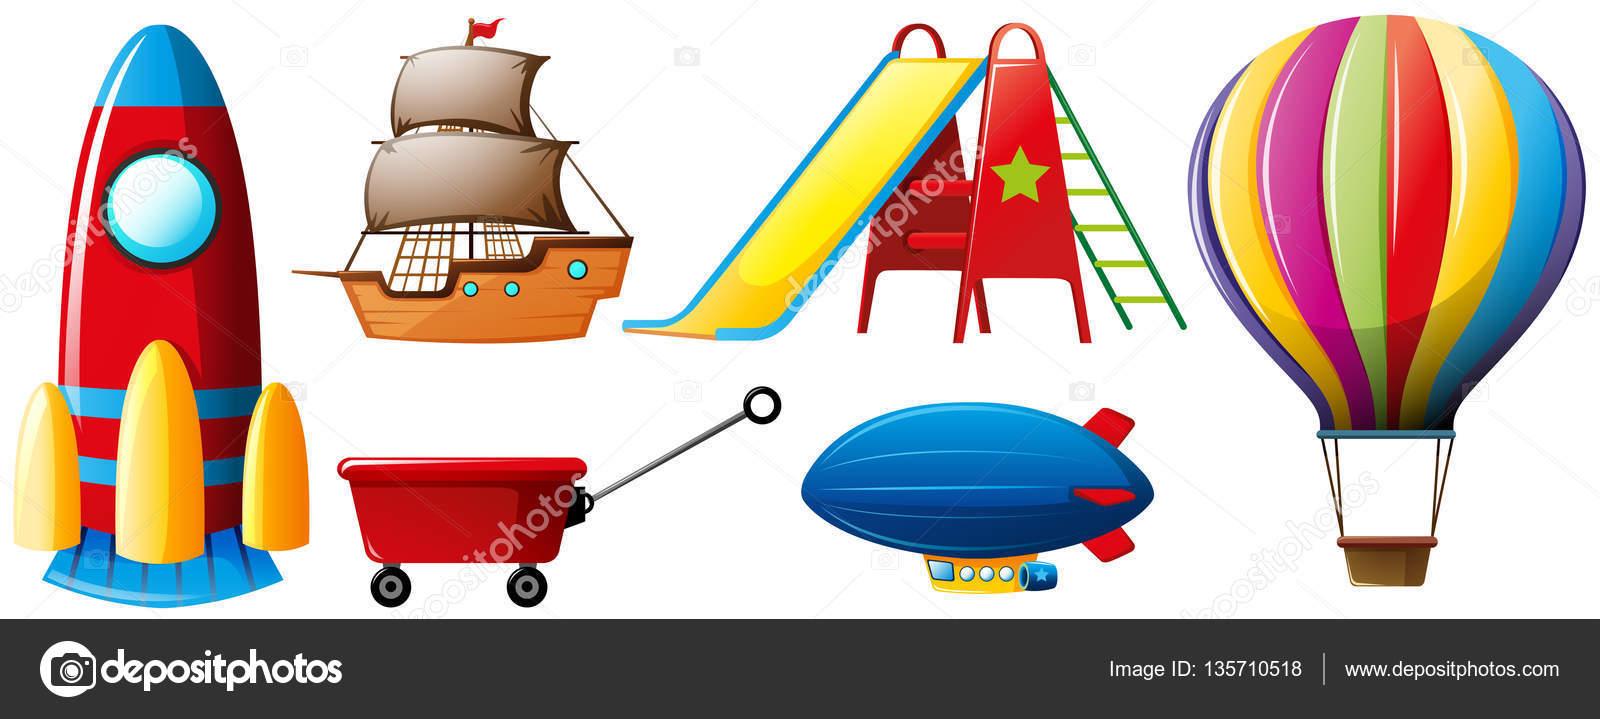 Diversi tipi di trasporti e giocattoli vettoriali stock - Diversi tipi di trecce ...